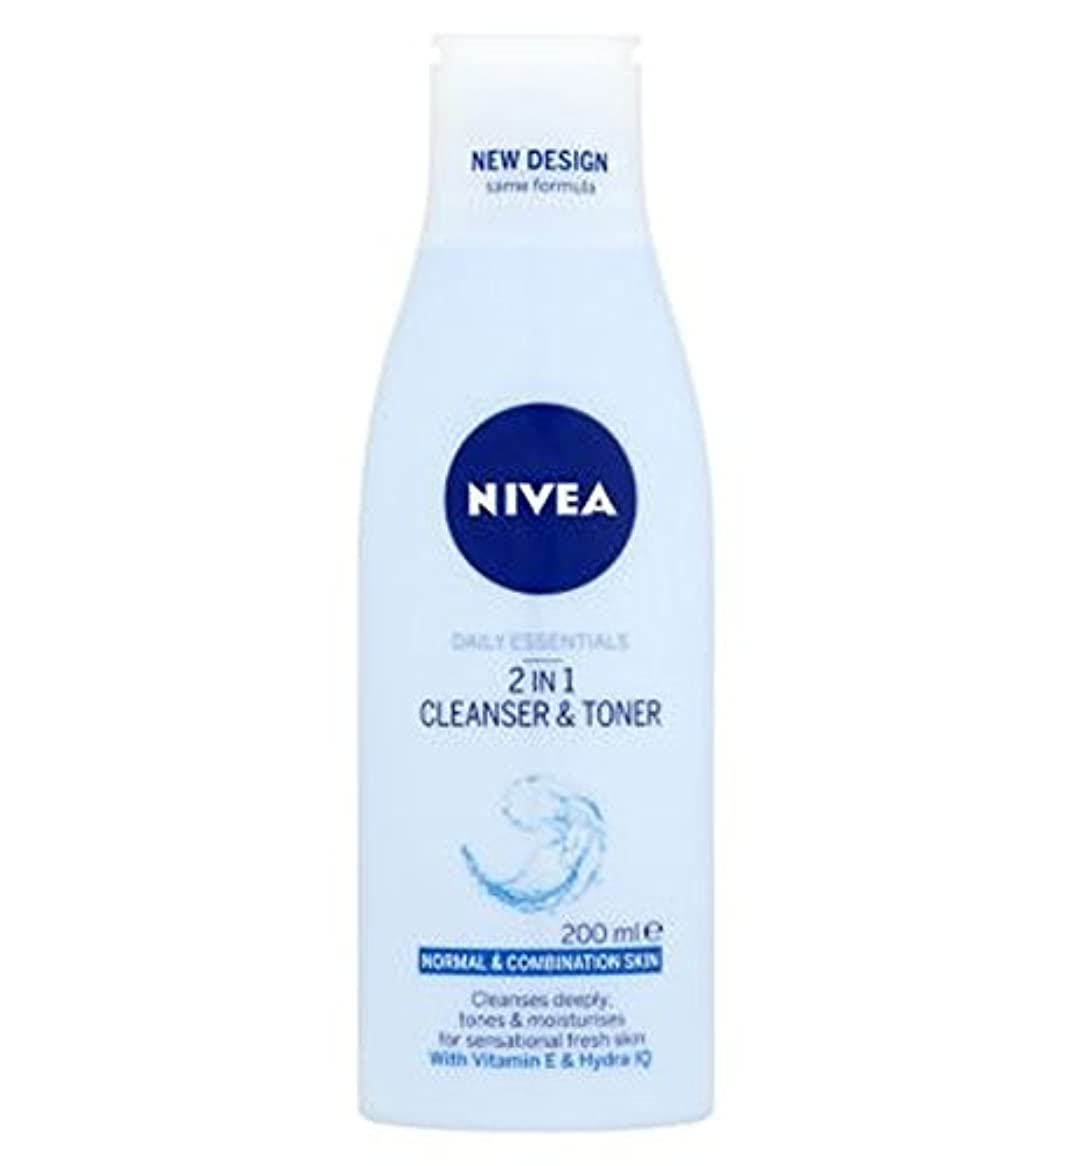 変換ブレーク周術期Nivea Daily Essentials 2 in 1 Cleanser and Toner 200ml - ニベア生活必需品2 1クレンザーとトナー200ミリリットルで (Nivea) [並行輸入品]